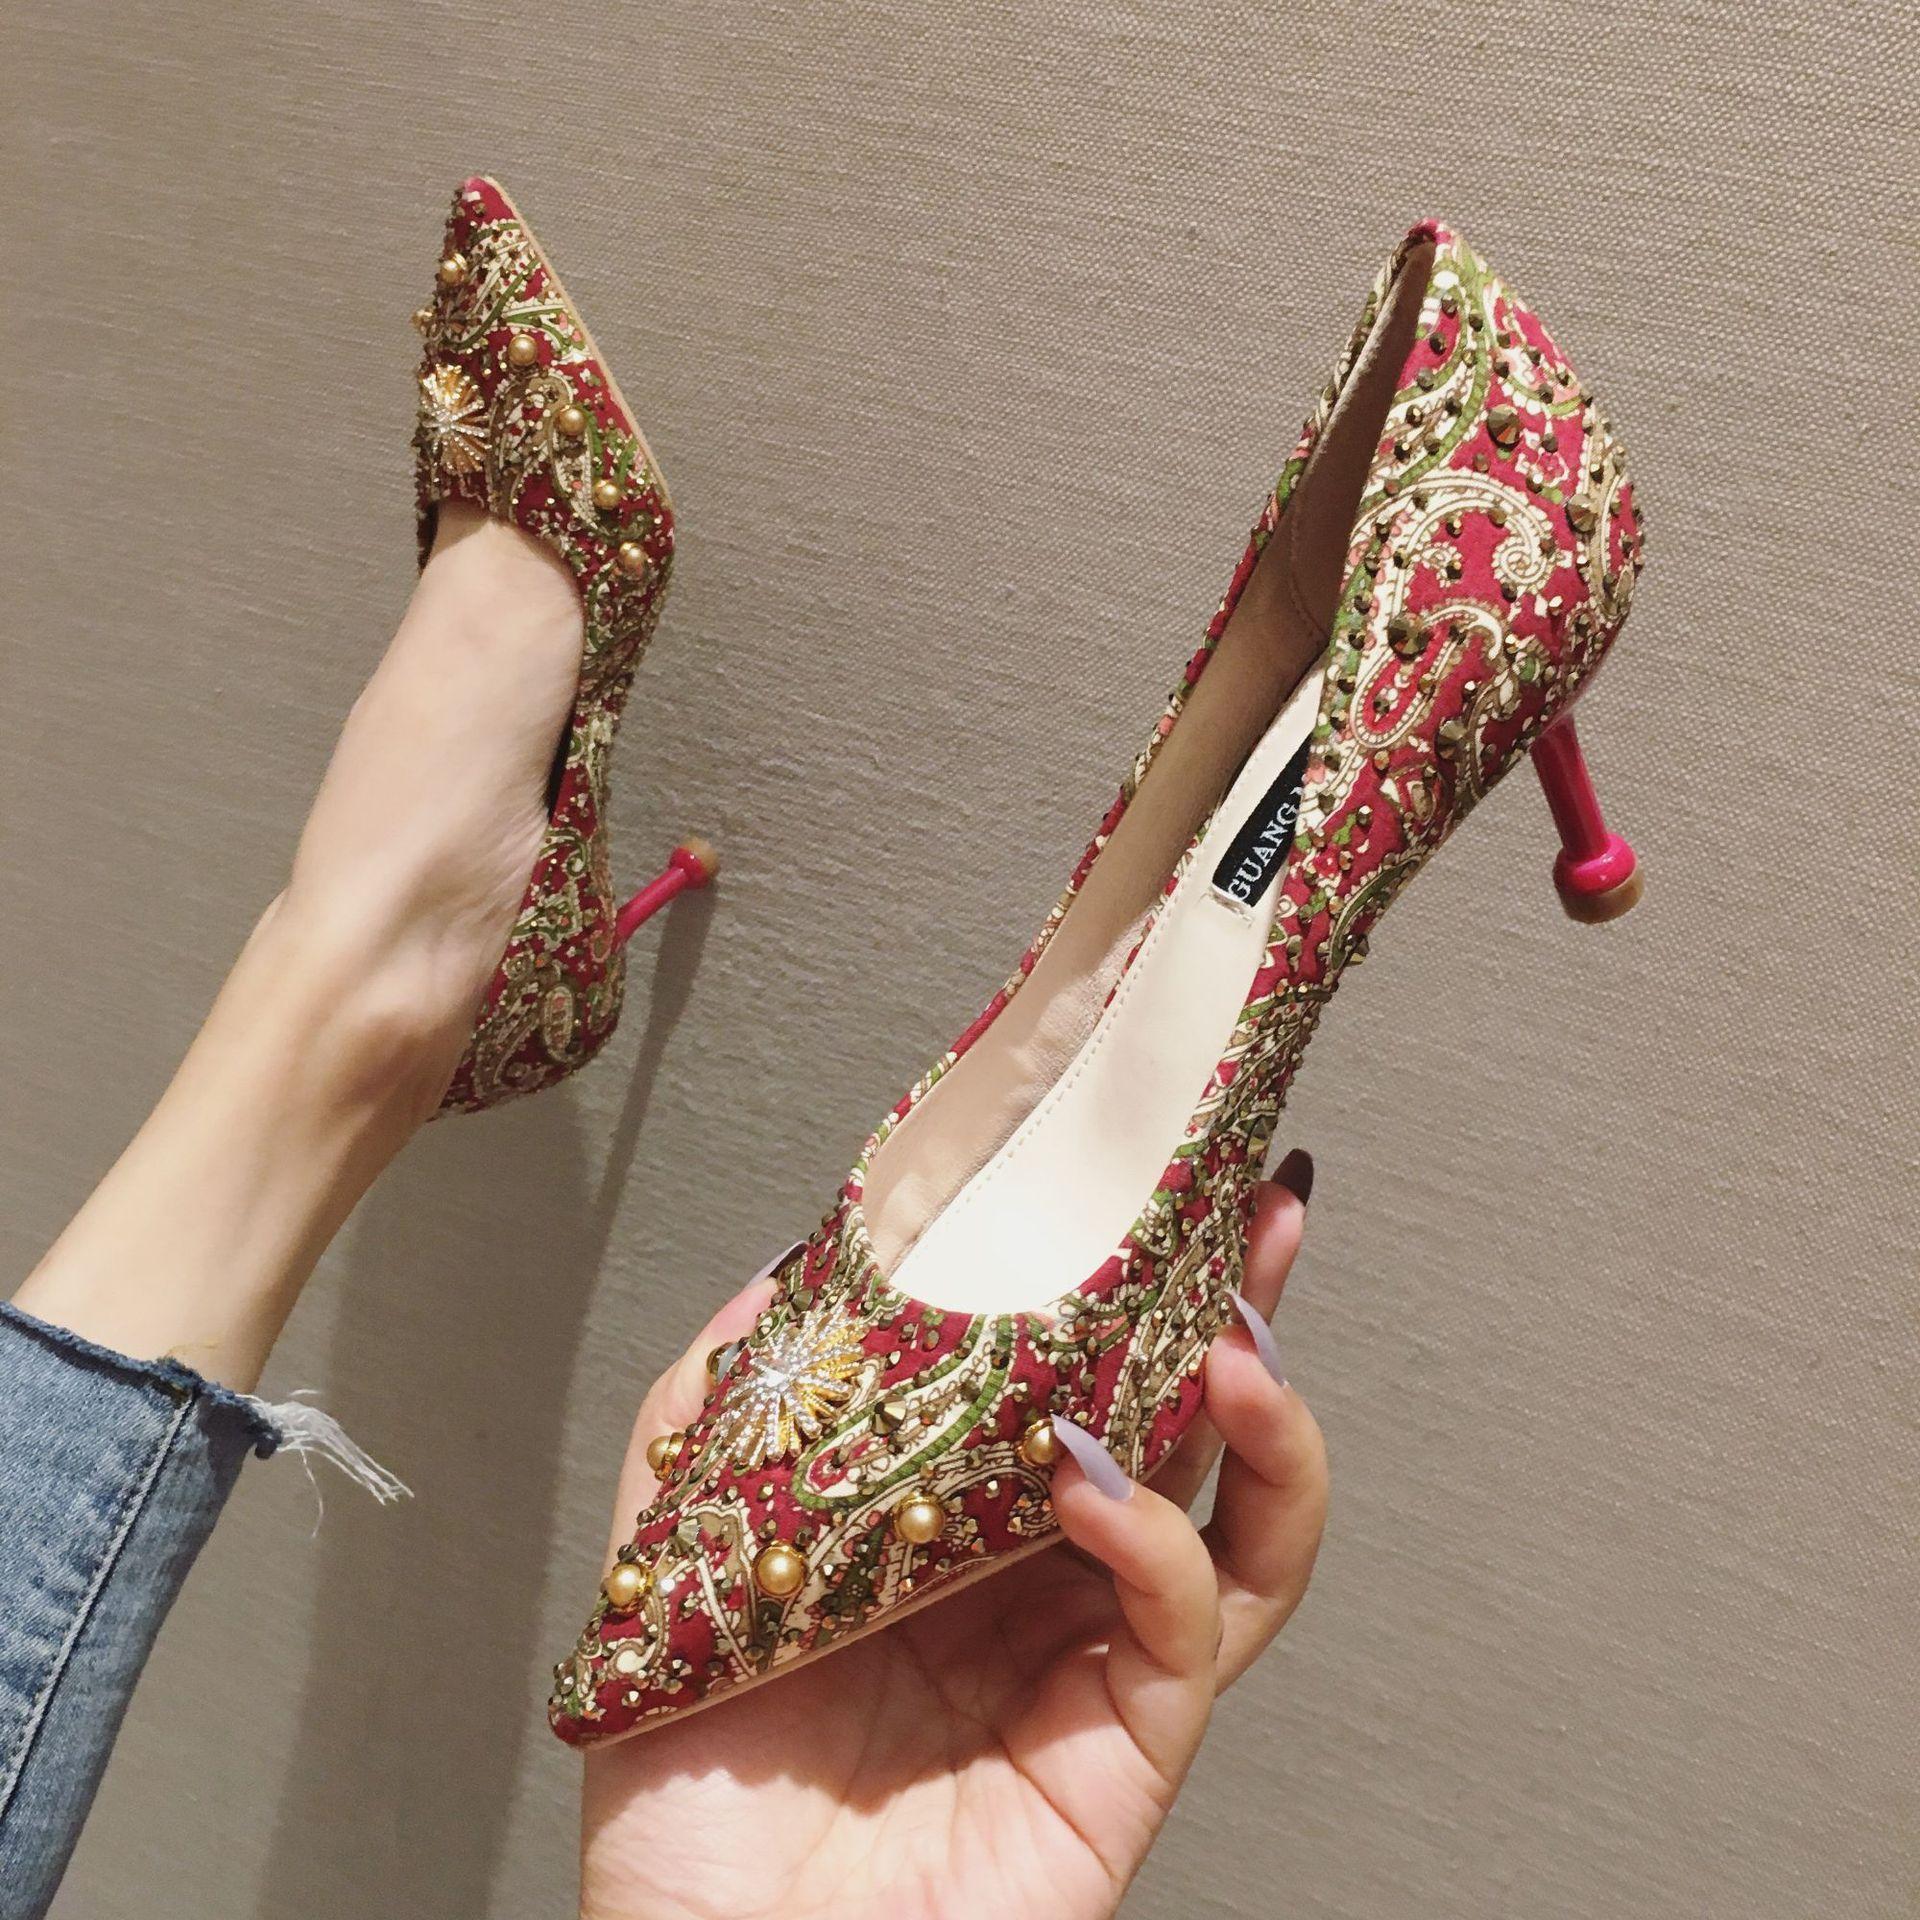 China Style strass tacco alto a punta pompa Rivetti Stampa nozze partito di promenade dei pattini 2020 Indossare scarpe Women Shallow poco costoso 70mm sera nuziale